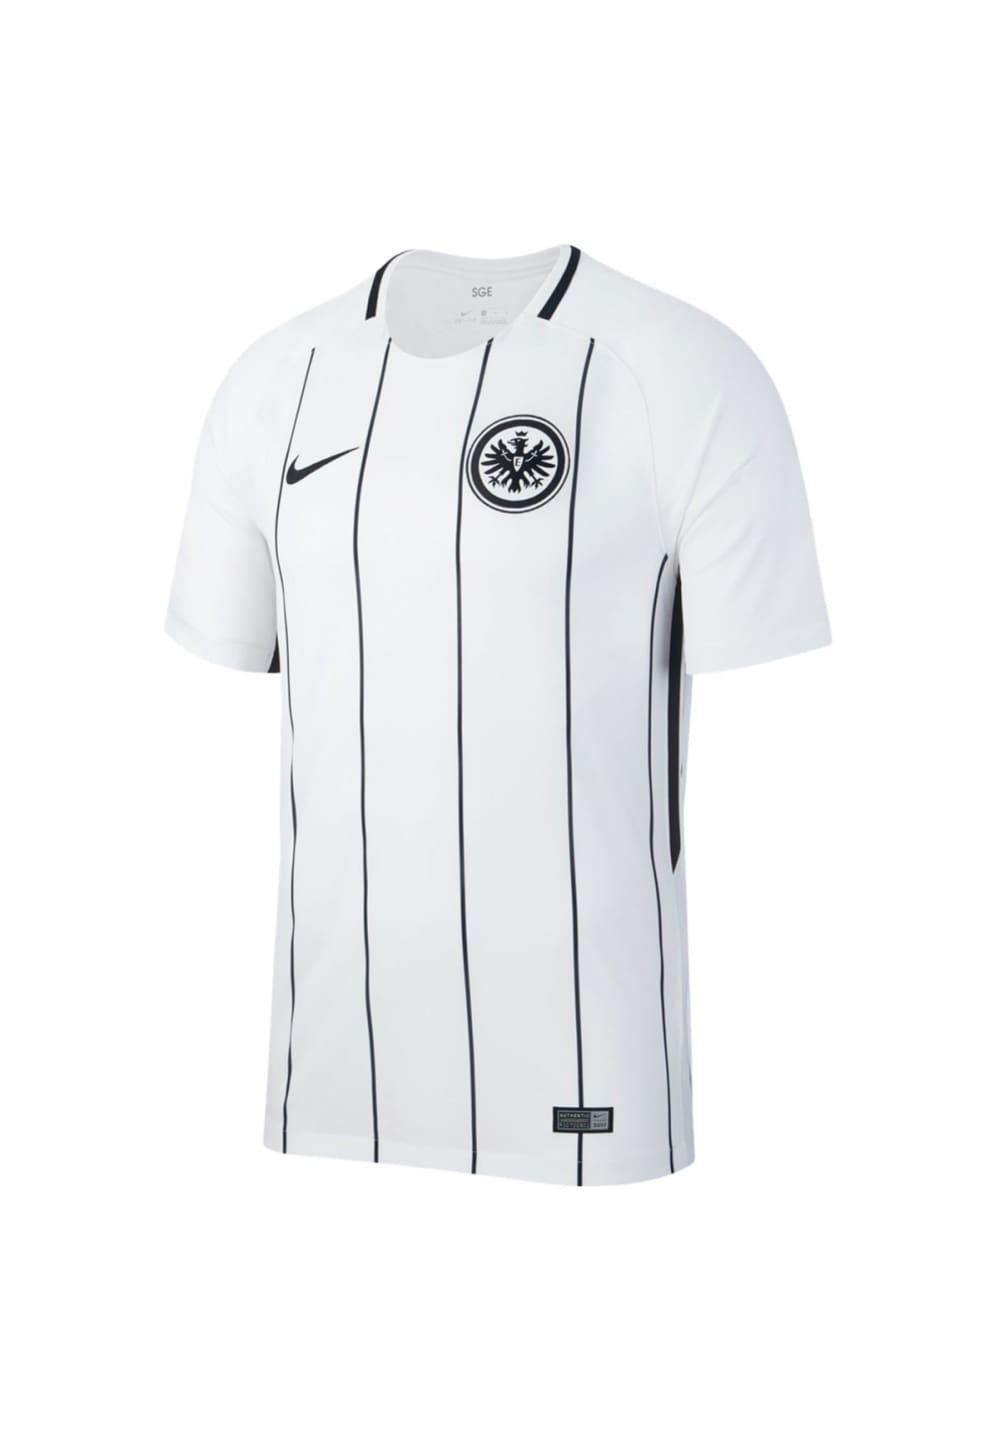 Nike SGE Stadium Short Sleeve Jersey Home - T-Shirts für Herren - Weiß, Gr. S